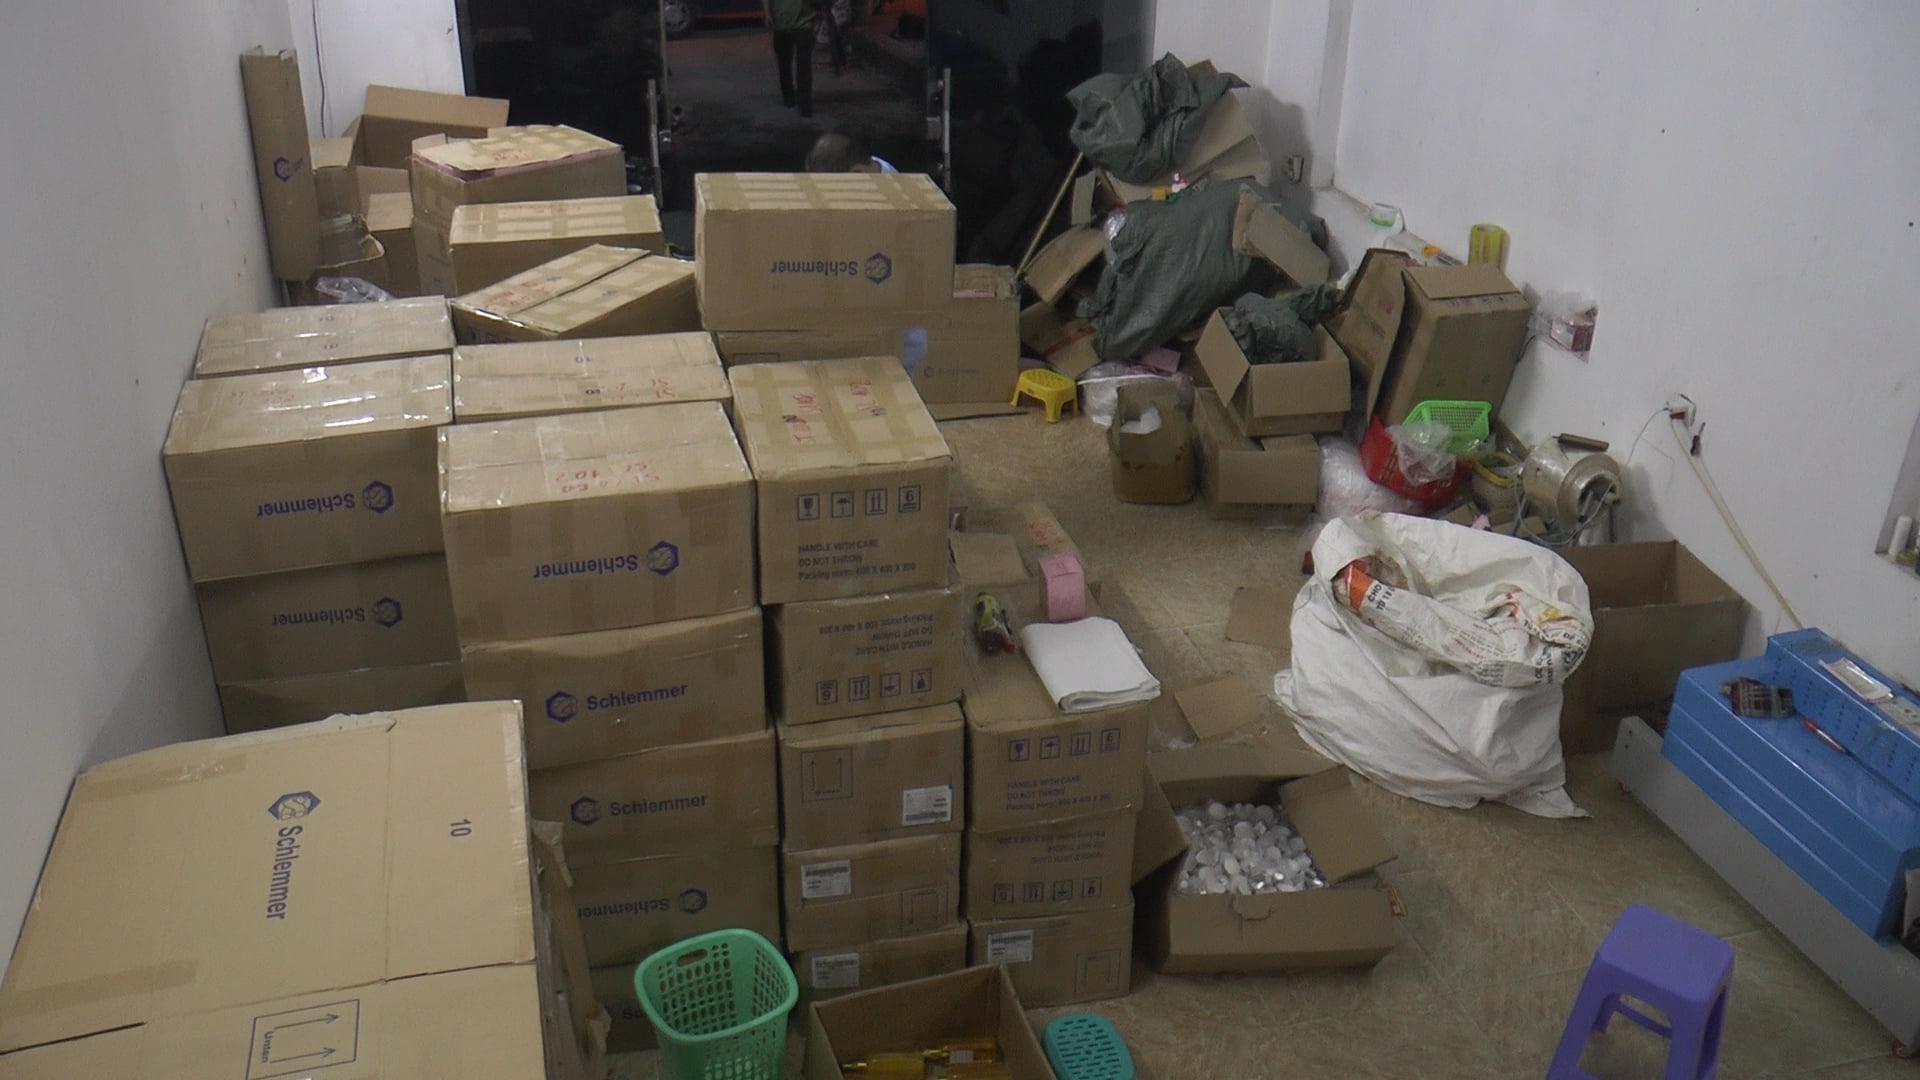 Đột kích nhà 3 tầng trong đêm, thu giữ gần 10000 chai, lọ sữa tắm mỹ phẩm không rõ nguồn gốc - Ảnh 1.